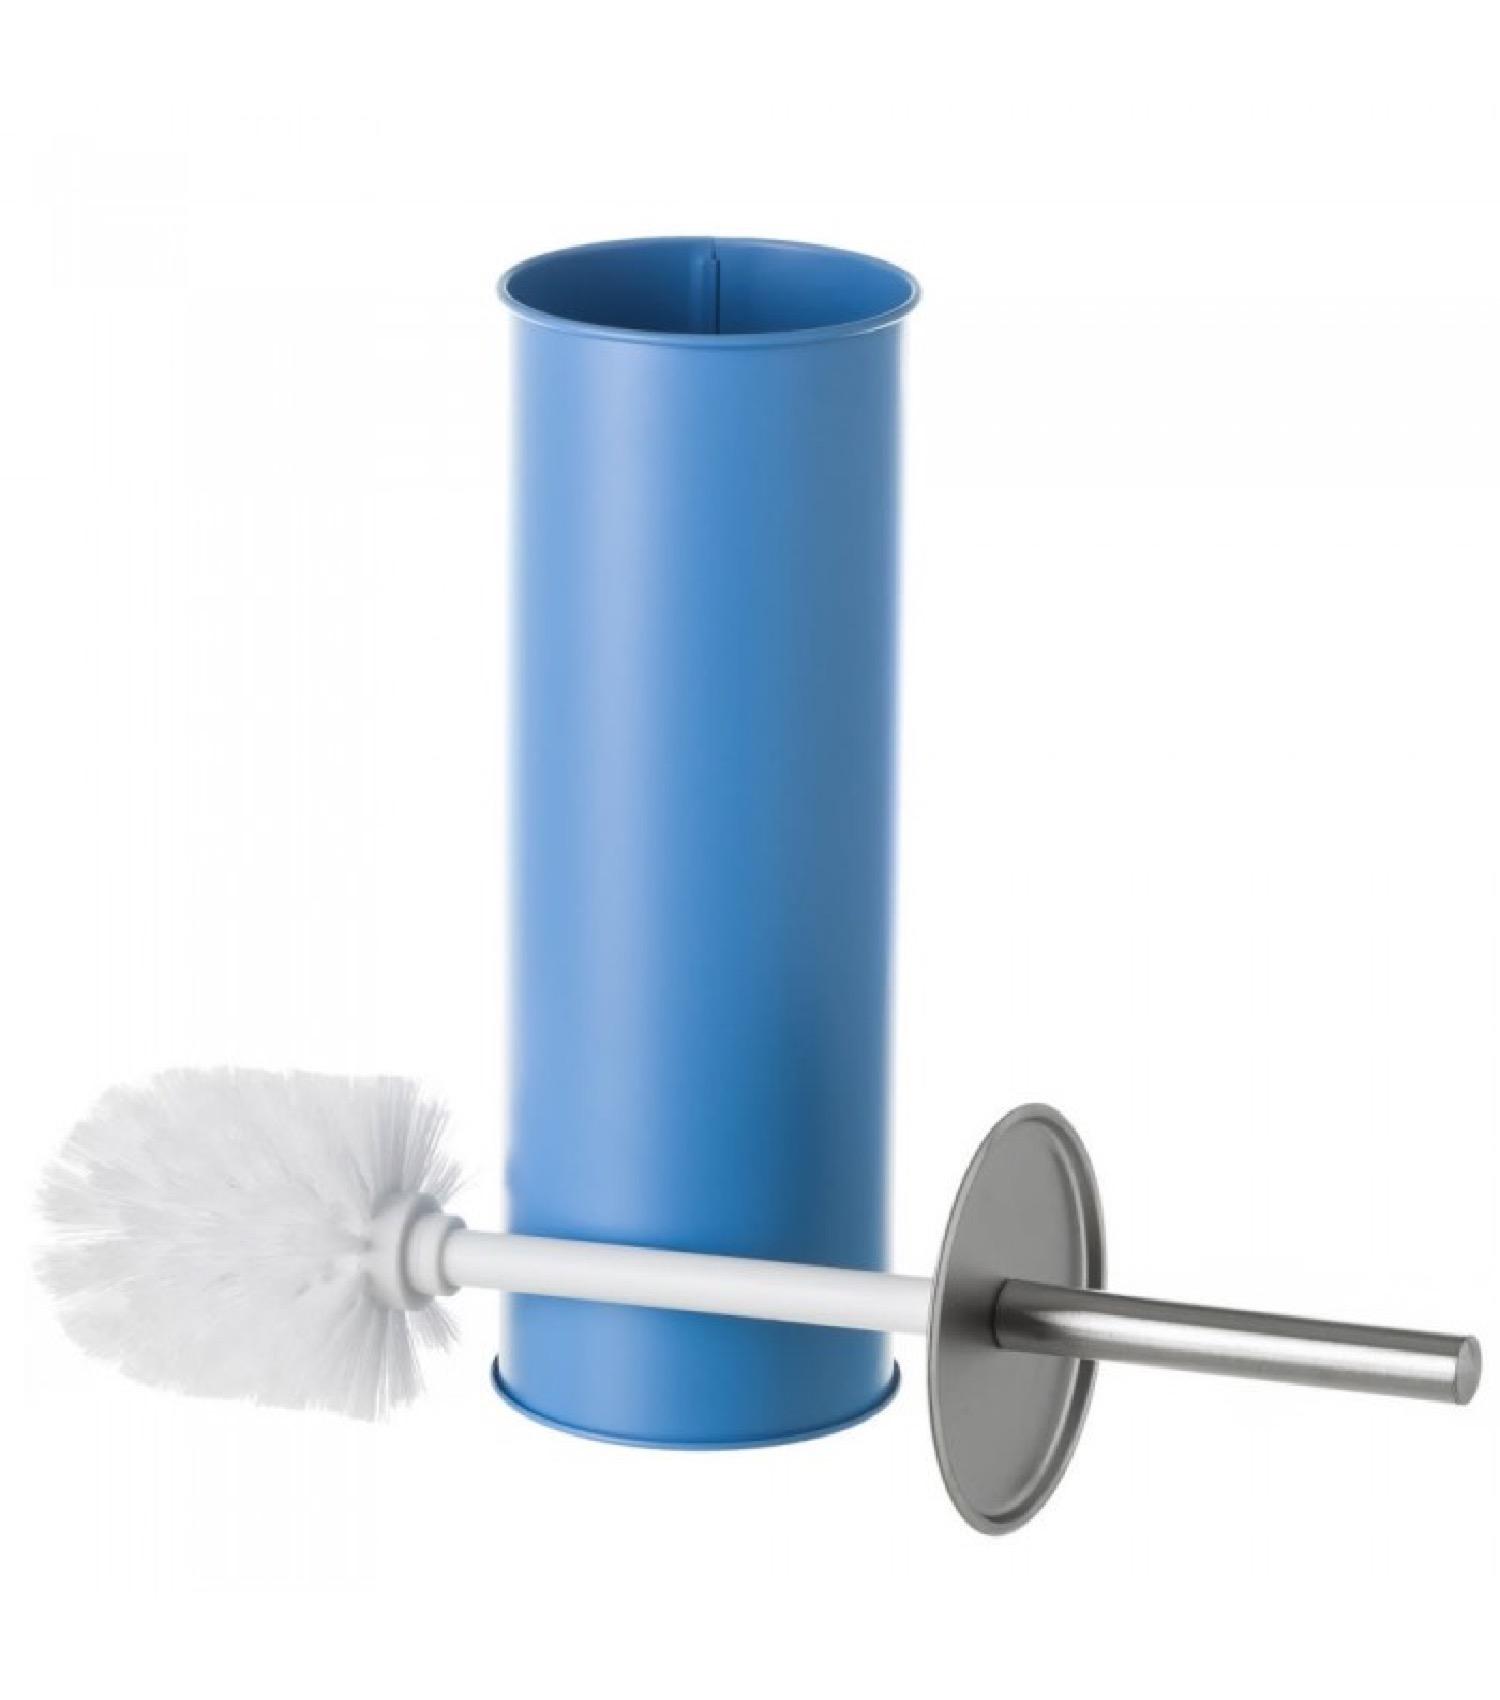 Balai brosse WC en métal bleu